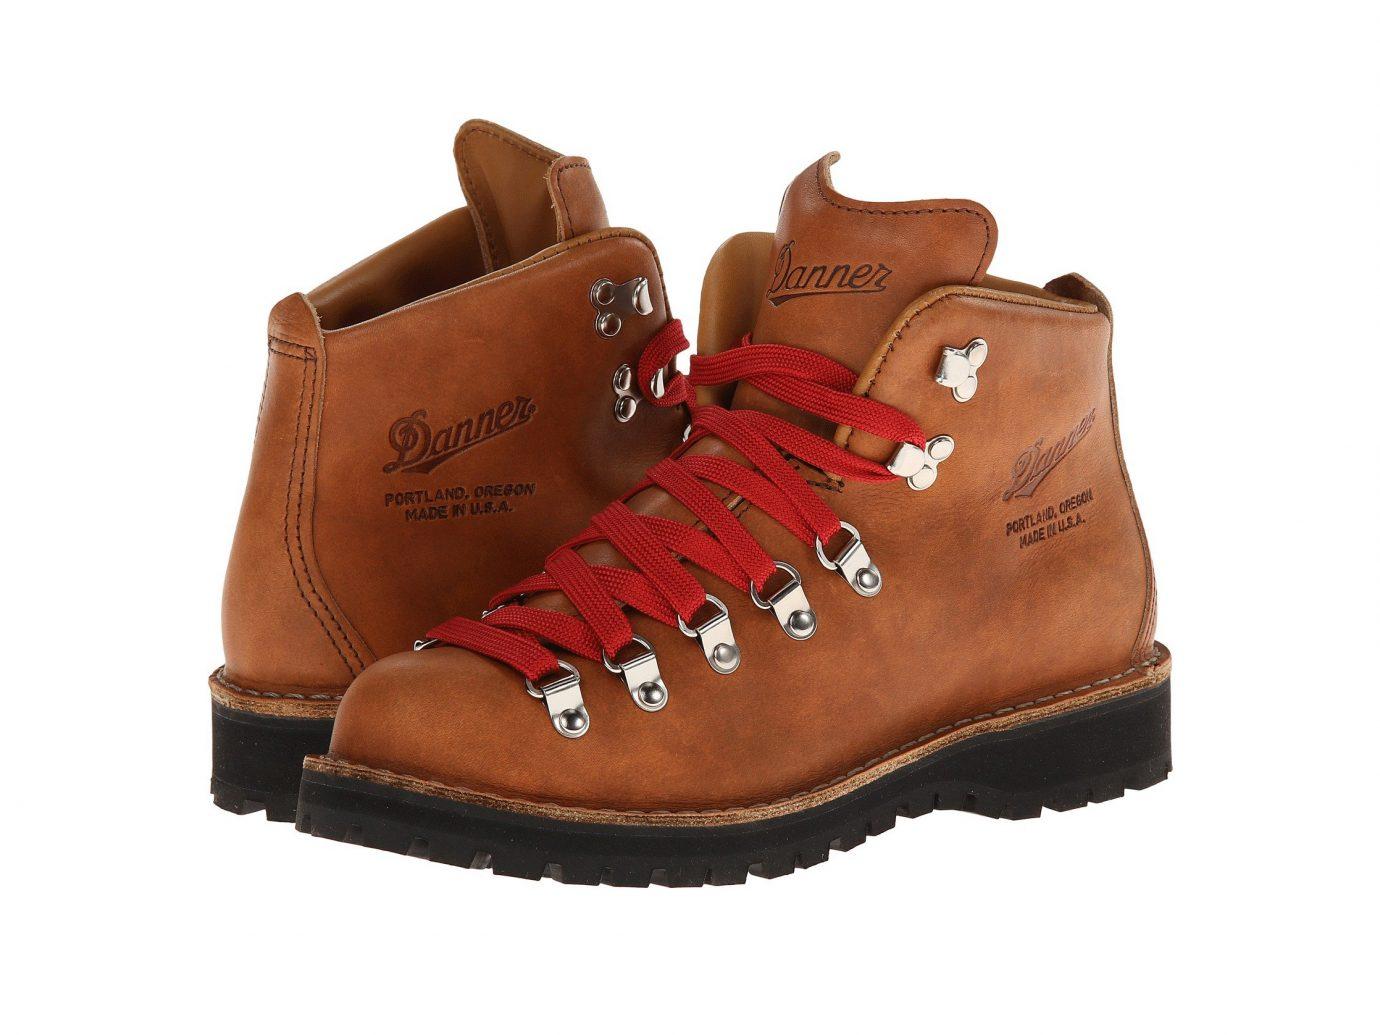 Danner Mountain Light Cascade boots